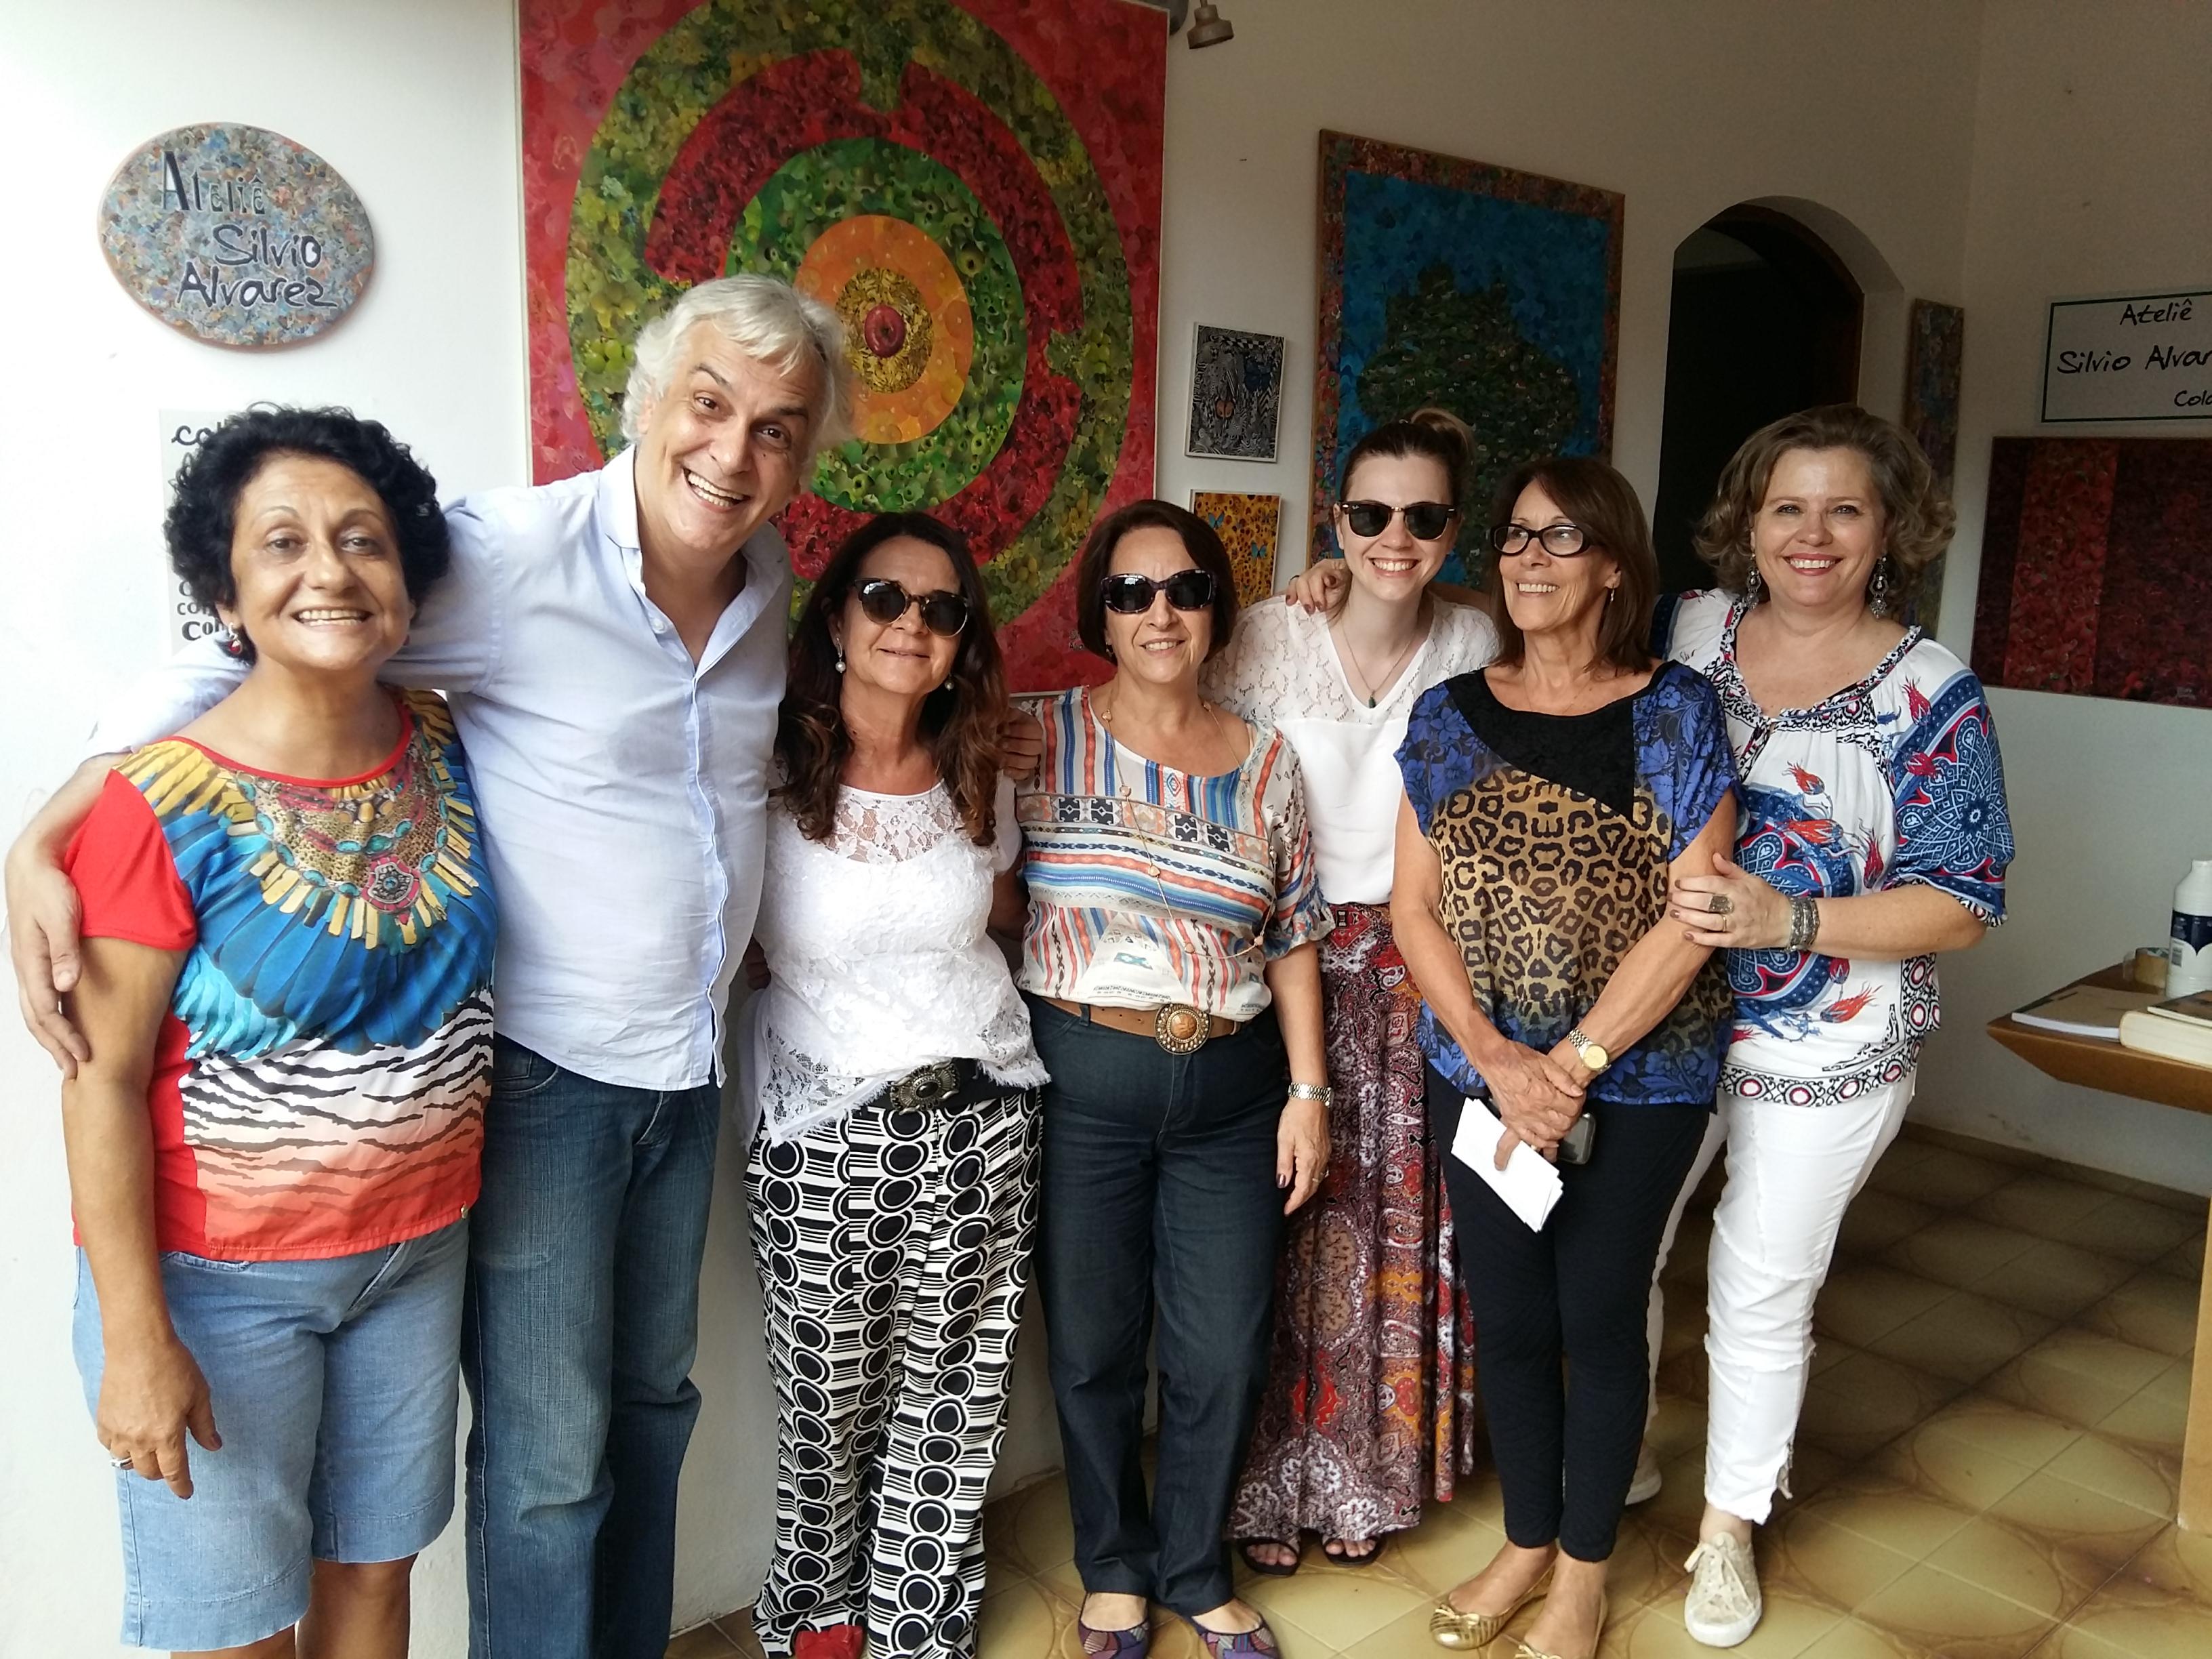 Ateliê Silvio Alvarez – Grupo Piracicaba